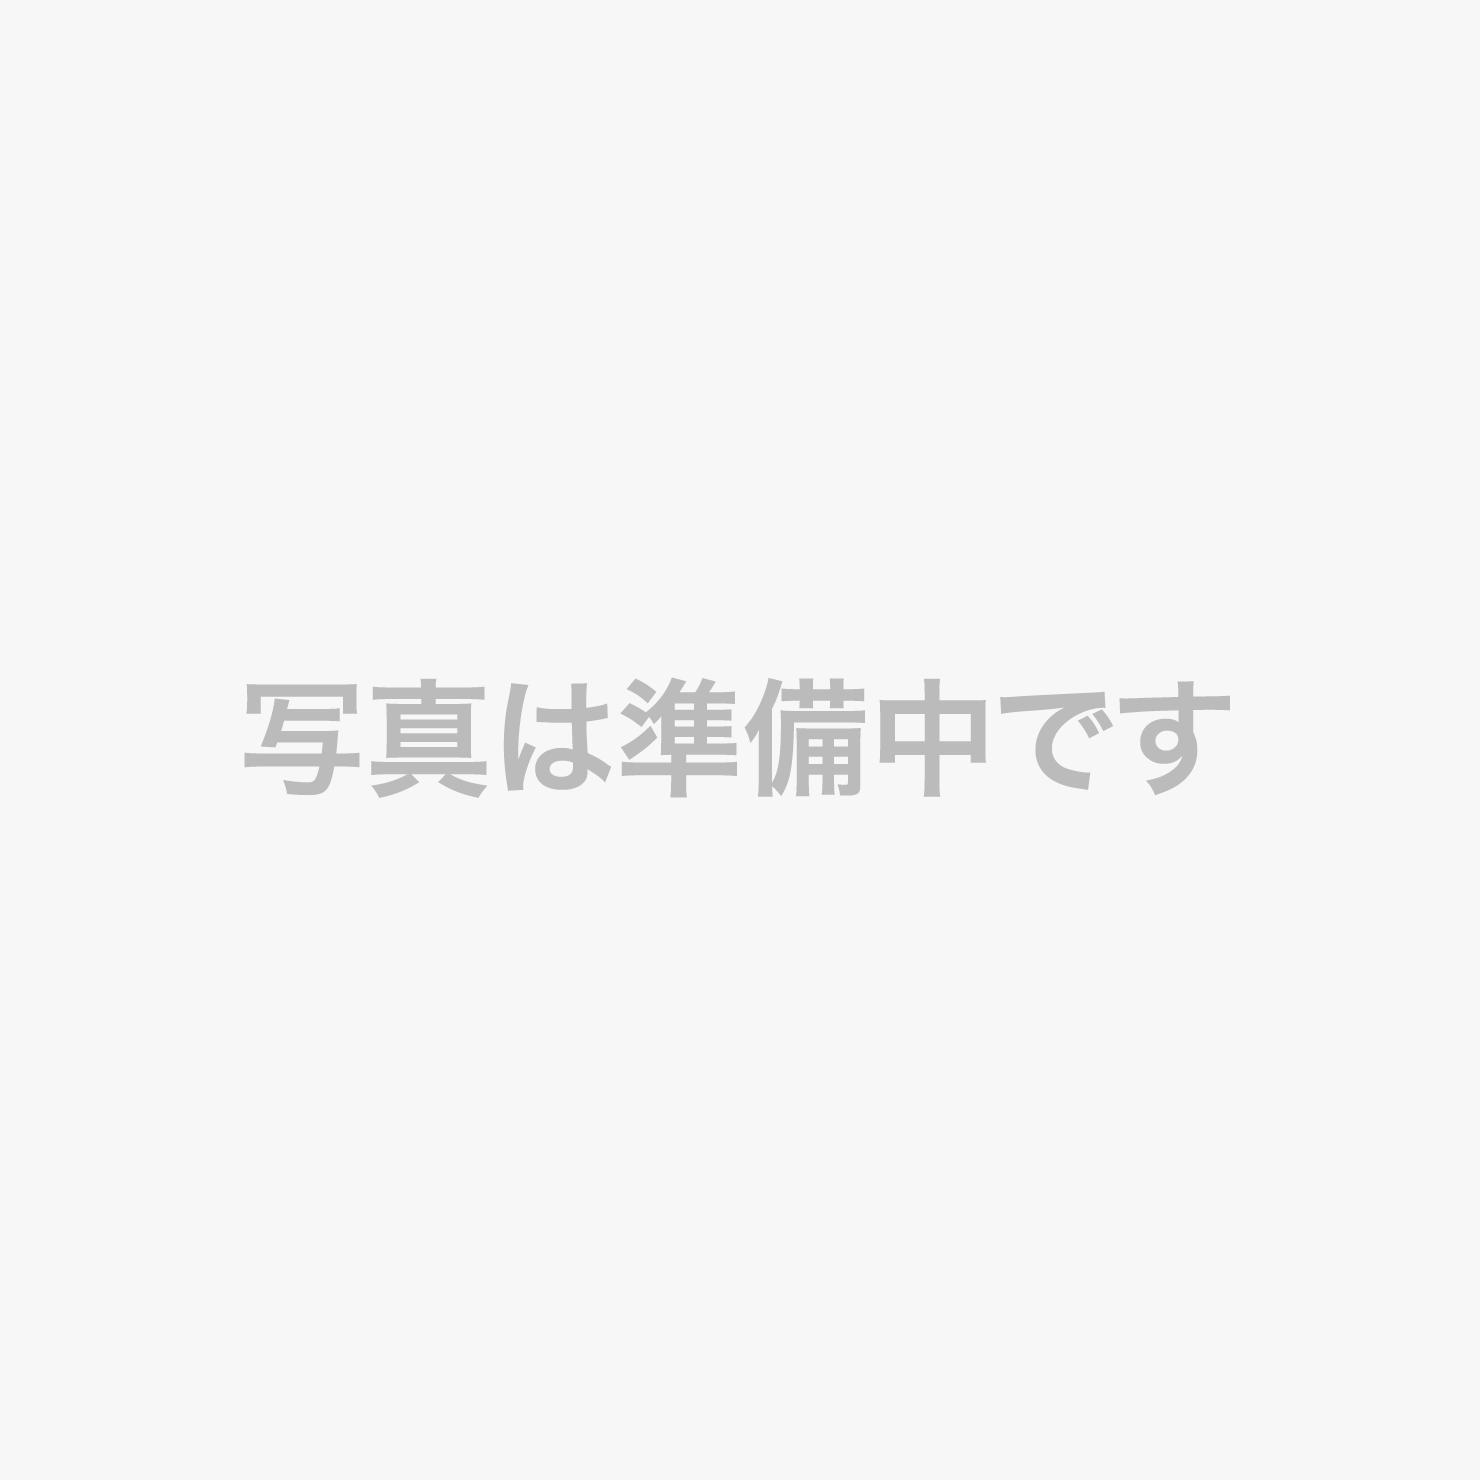 JR苫小牧駅南口より徒歩約10分♪